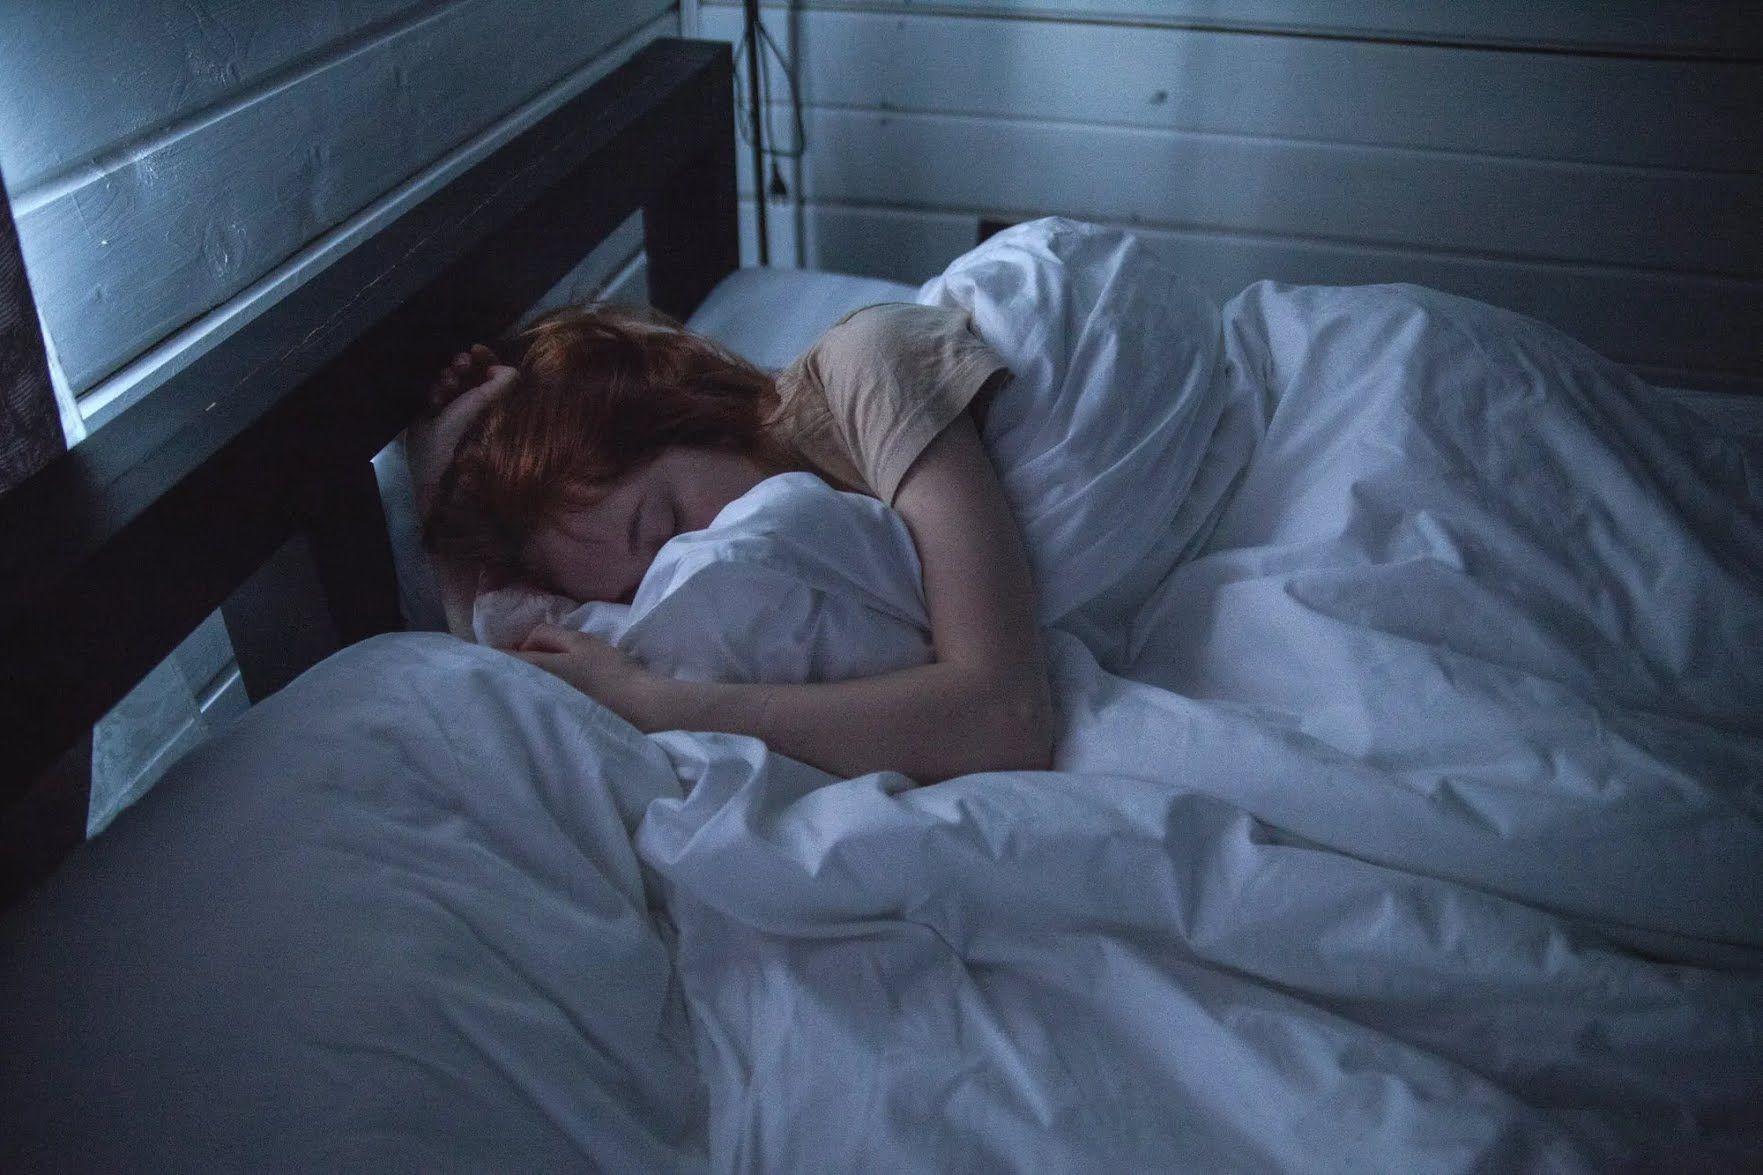 Багато людей жаліються на розлади сну.